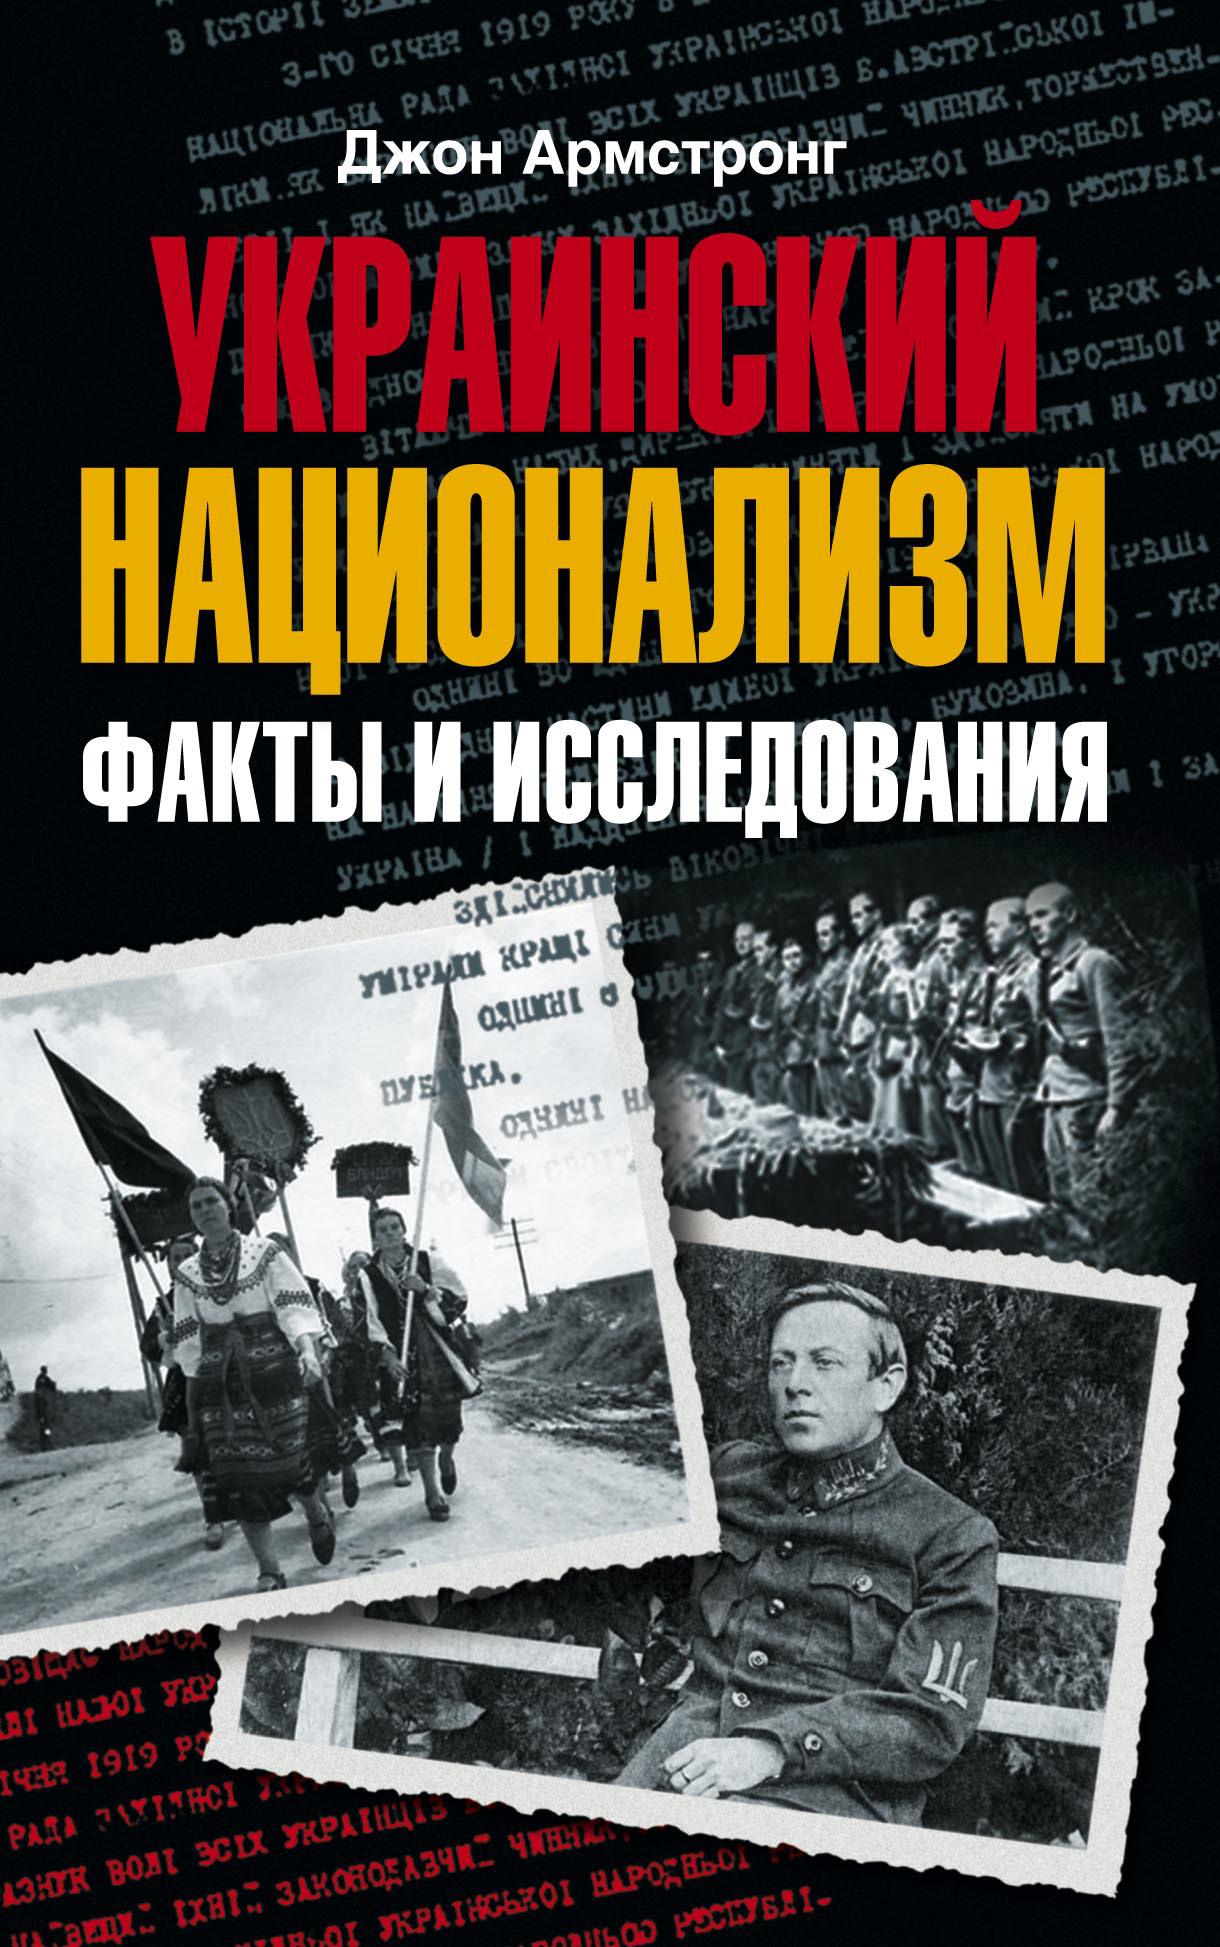 Джон Армстронг Украинский национализм. Факты и исследования